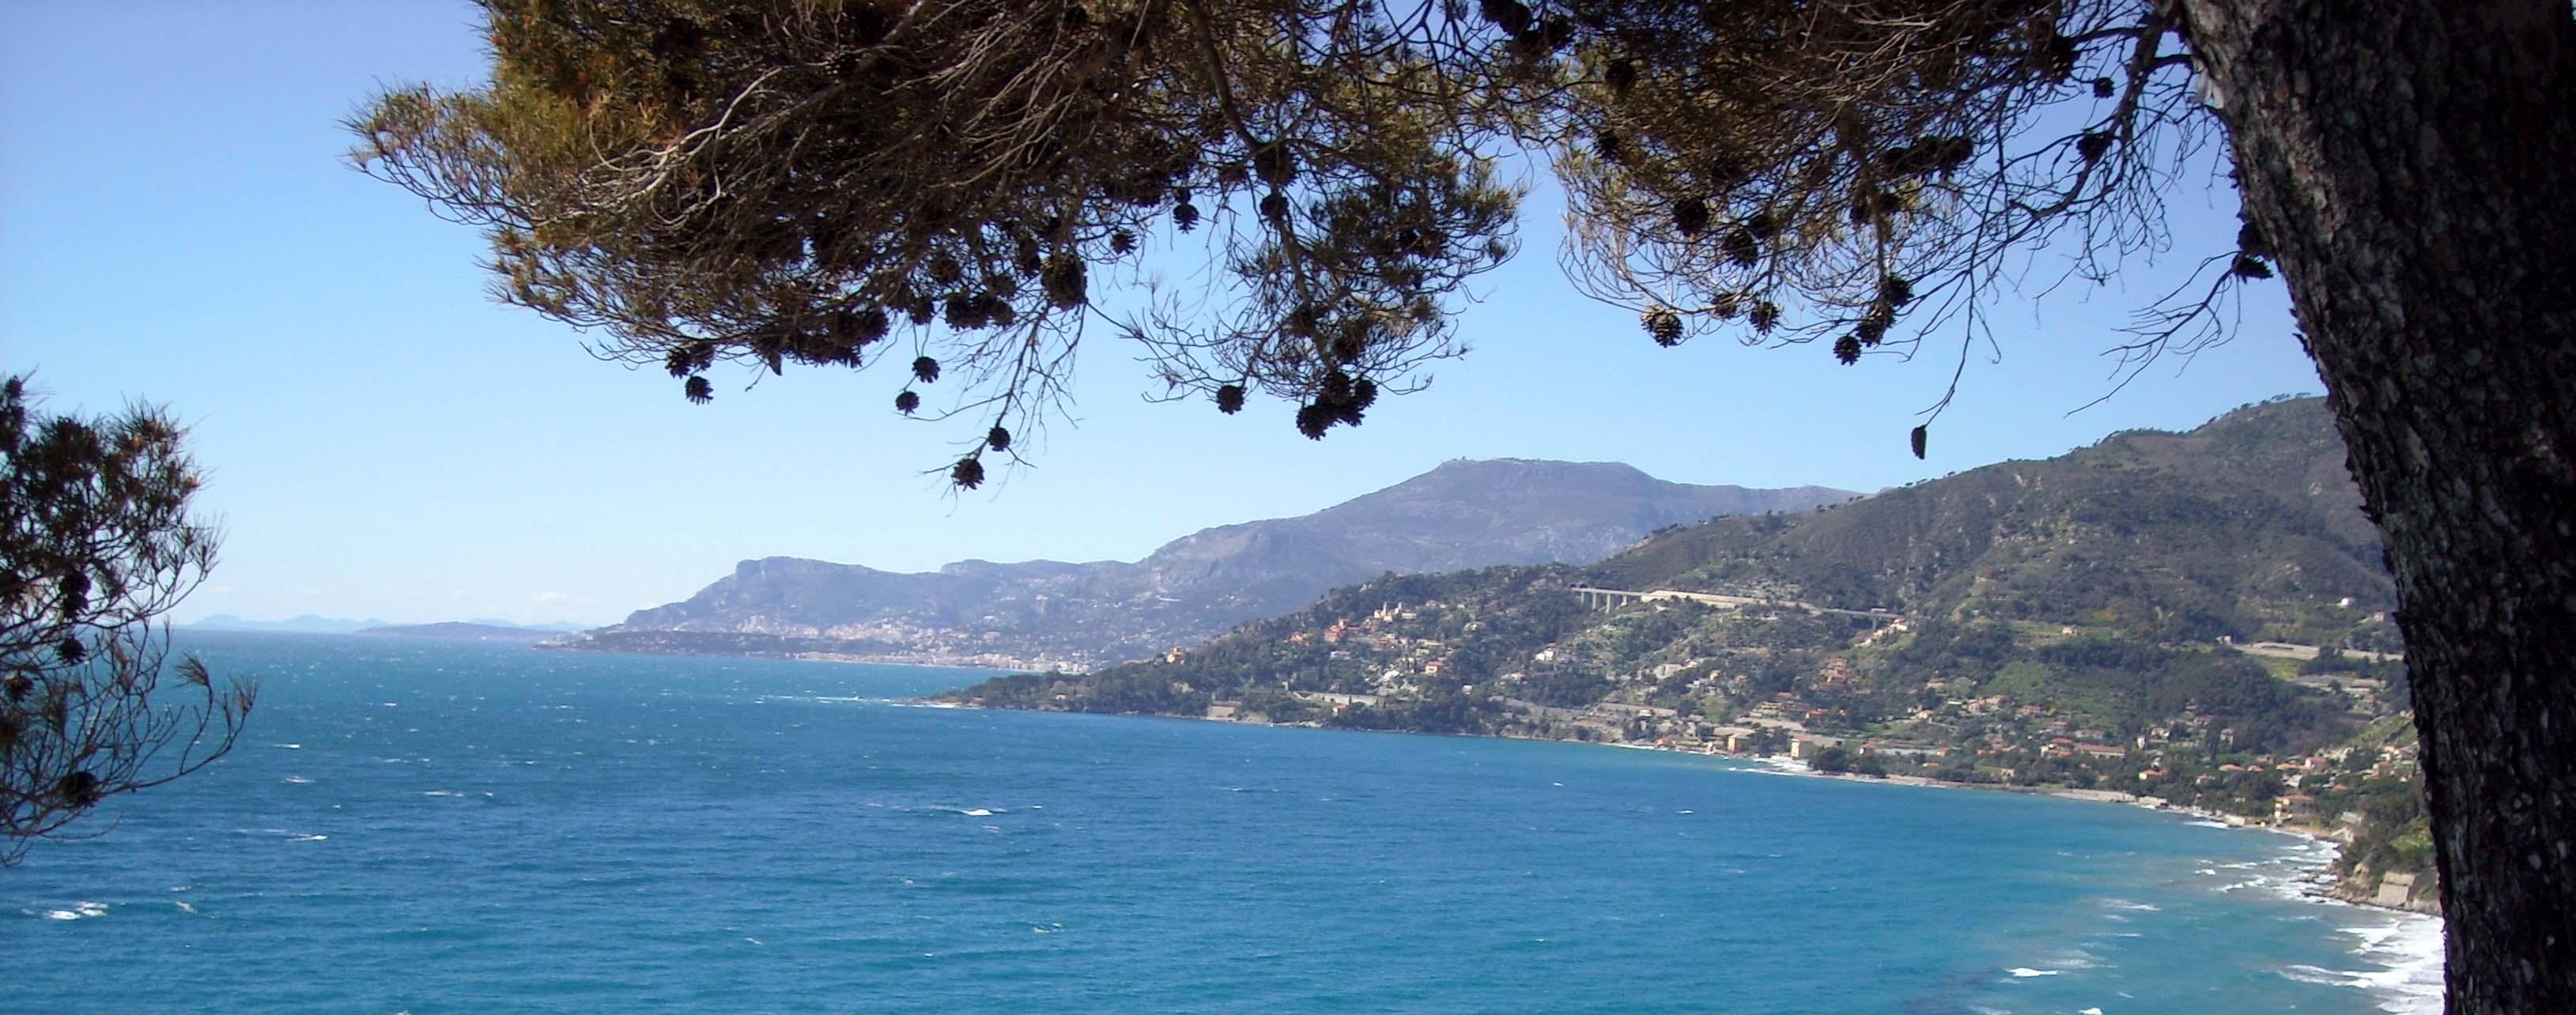 Reperti preistorici e fondali affascinanti al confine tra Liguria e Costa Azzurra